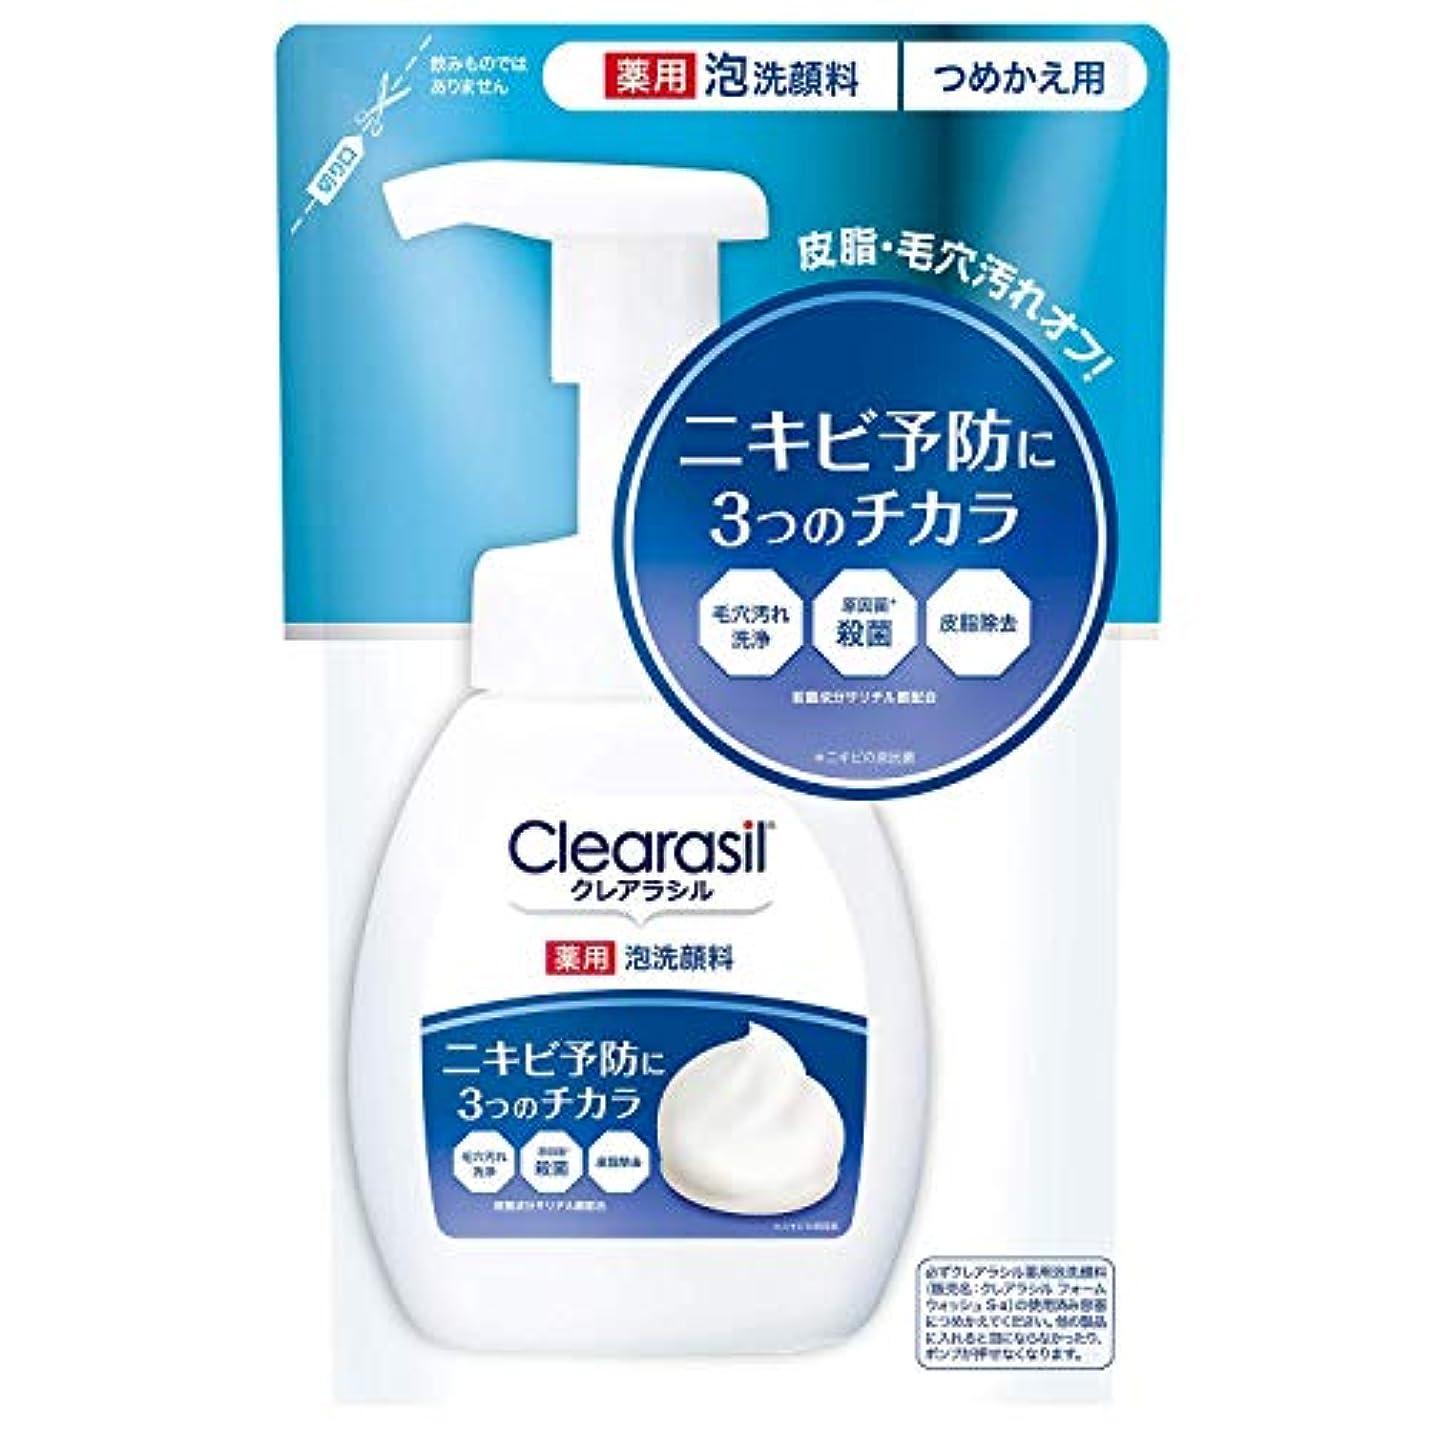 減るあざ牧草地【clearasil】クレアラシル 薬用泡洗顔フォーム10 つめかえ用 (180ml) ×20個セット